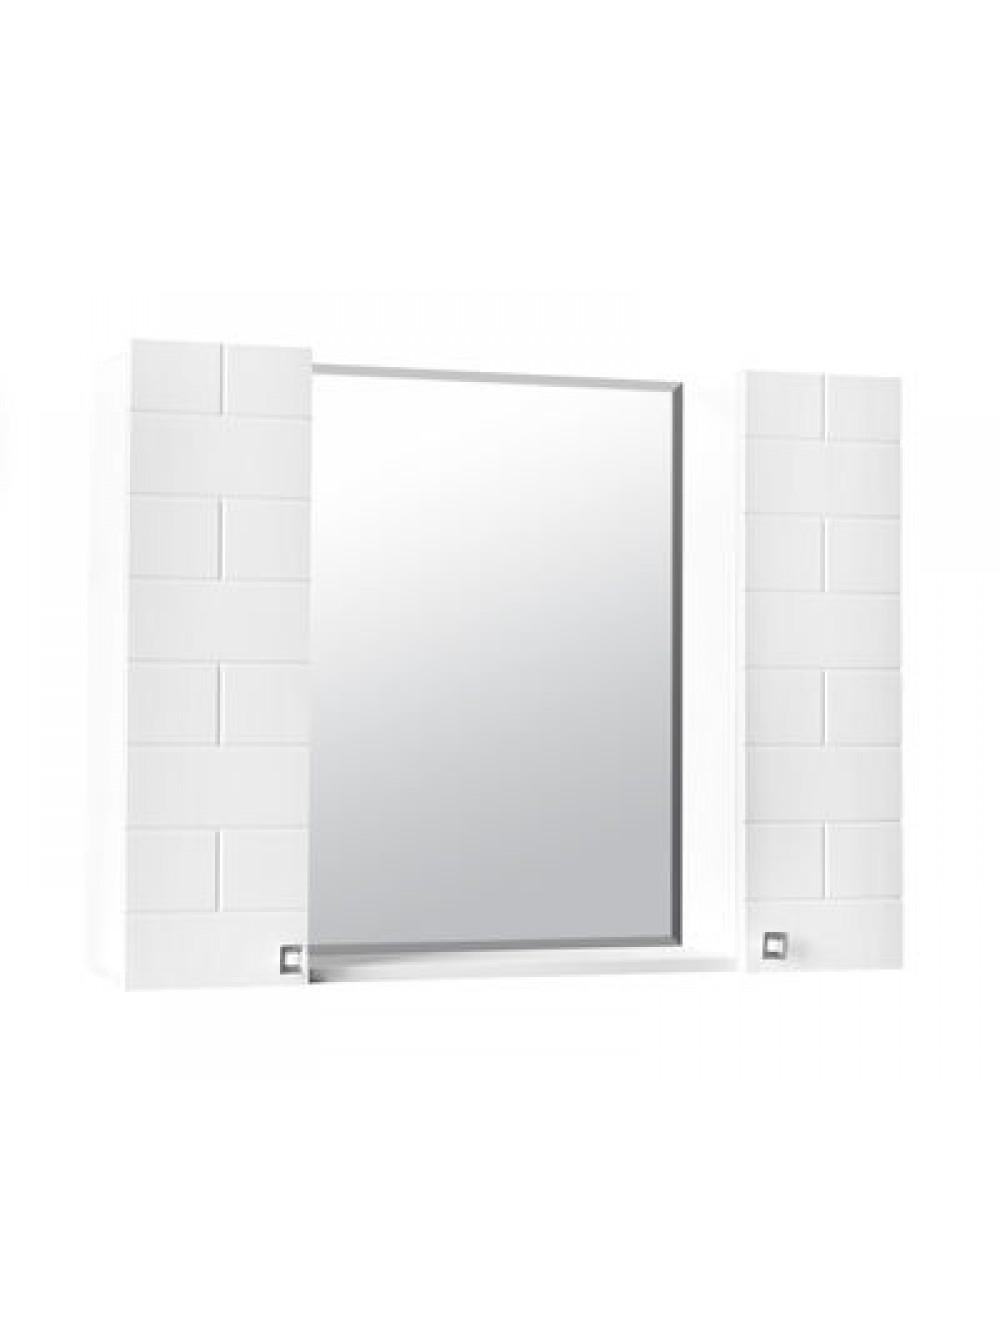 Зеркало-шкаф Стоун-90 (Капучино) 2 двери 900х670х170 СТК